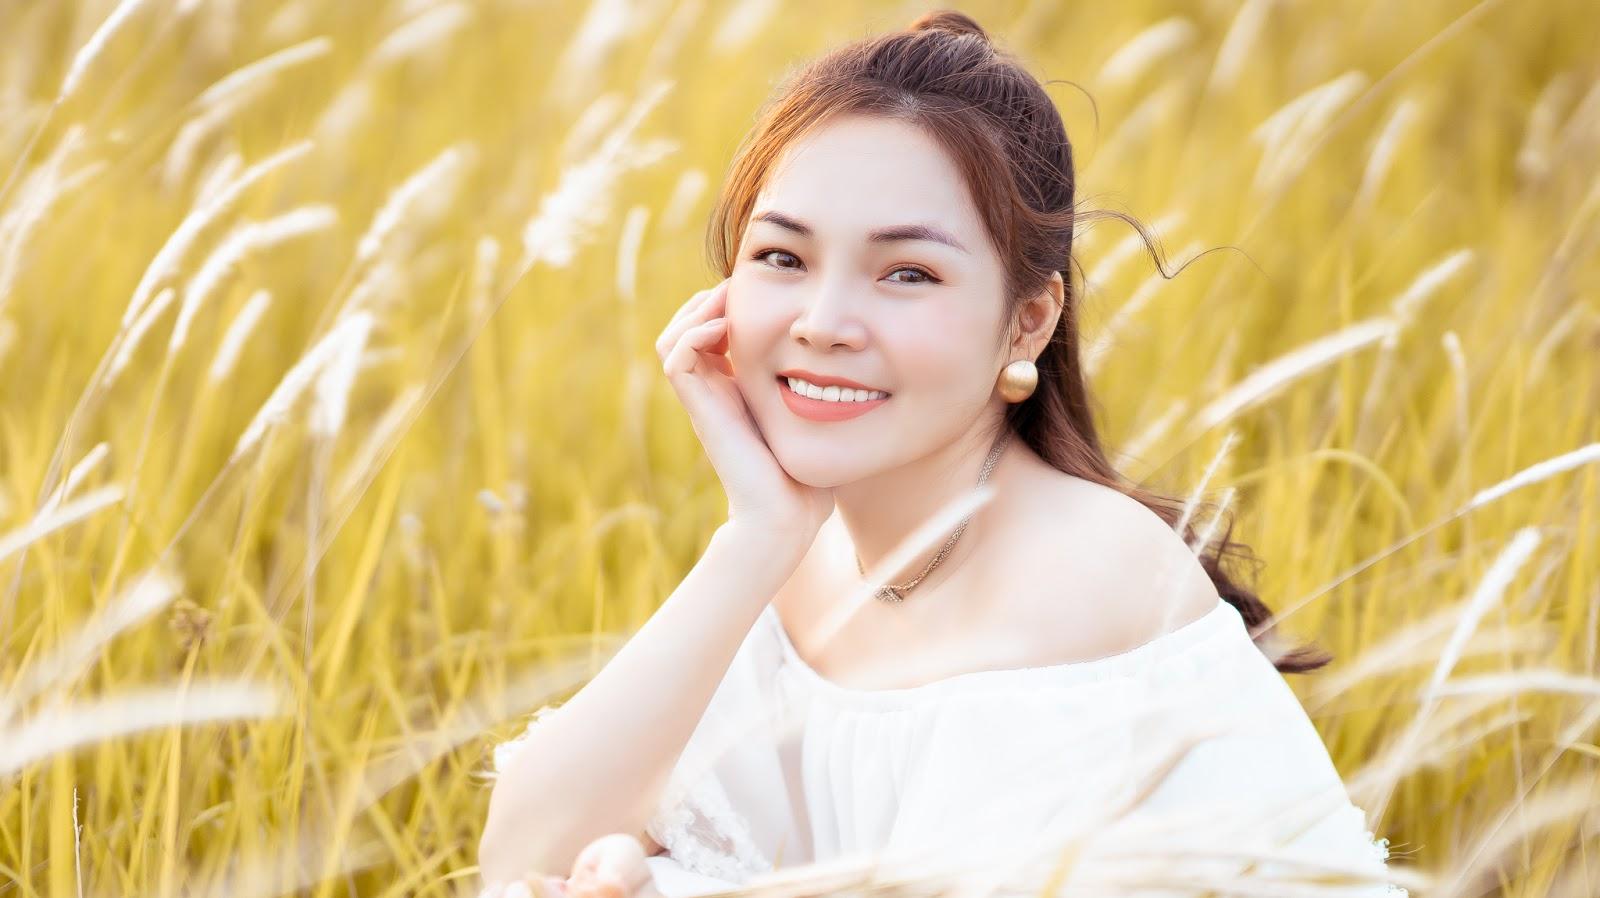 Ca sĩ Lâm Nguyệt Ánh đẹp không tì vết bên cánh đồng hoa cỏ lau - Hình 2